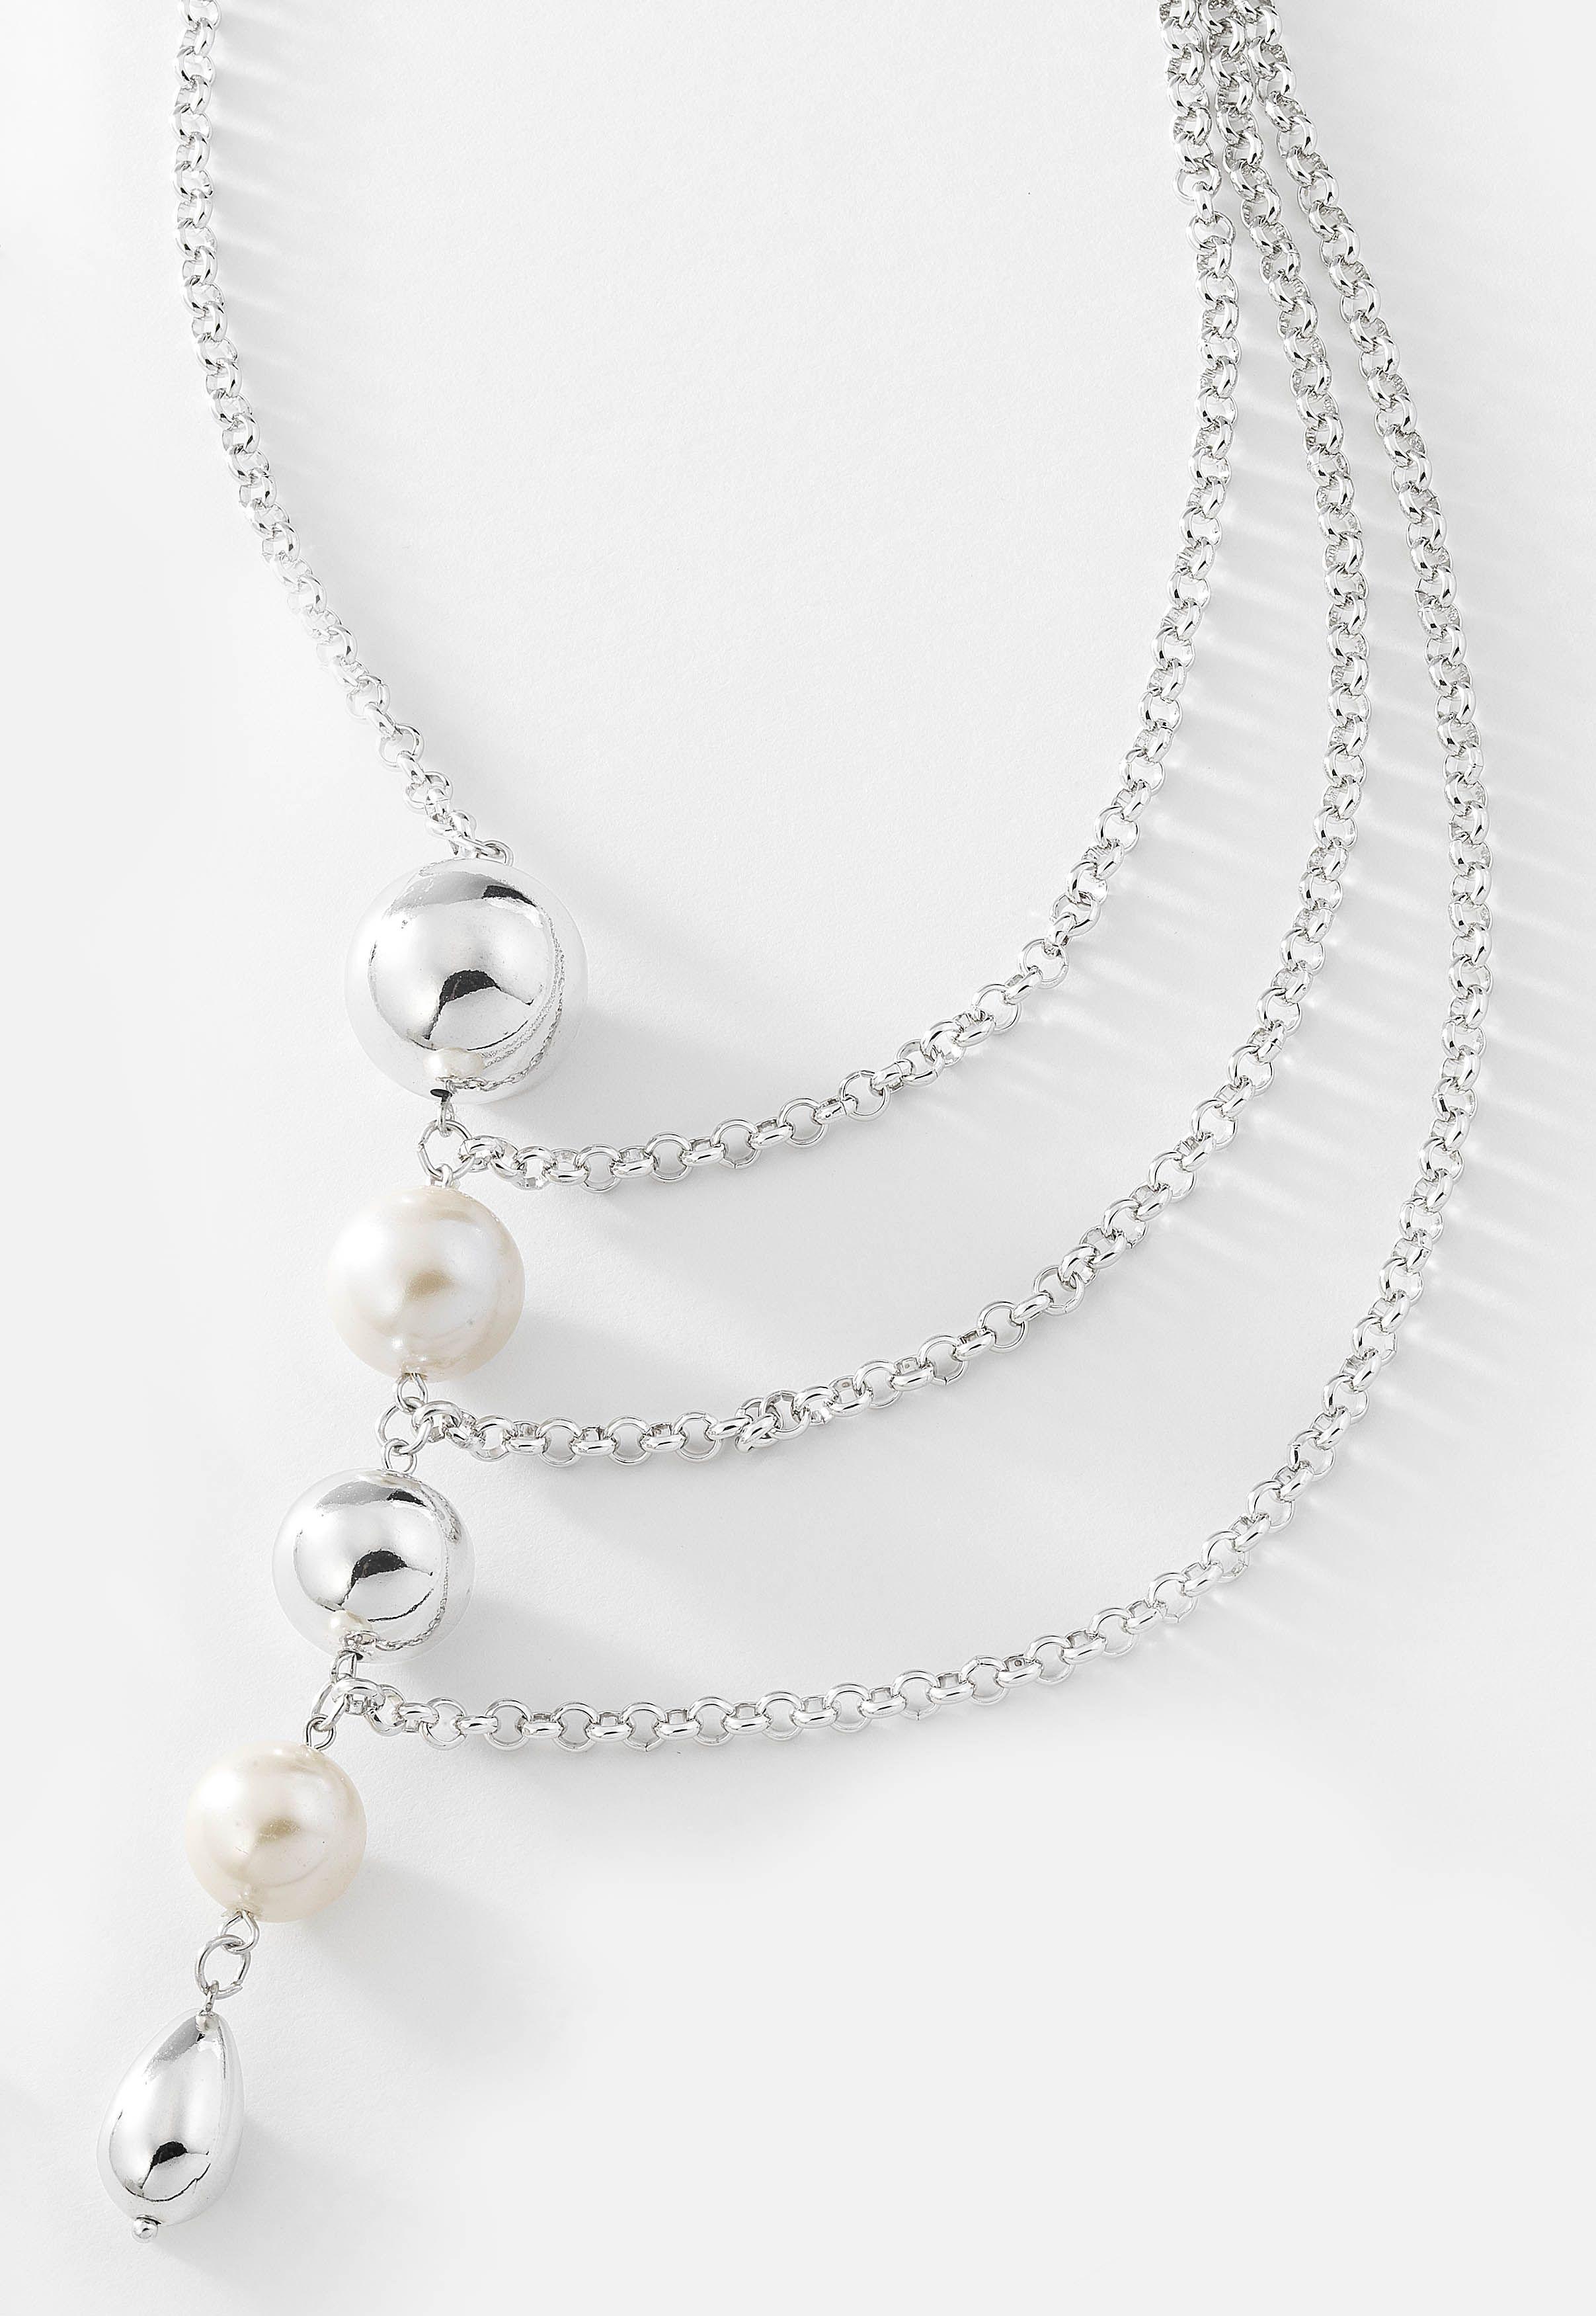 64b35f4593ce Collar largo de varios niveles con eslabones de cadena